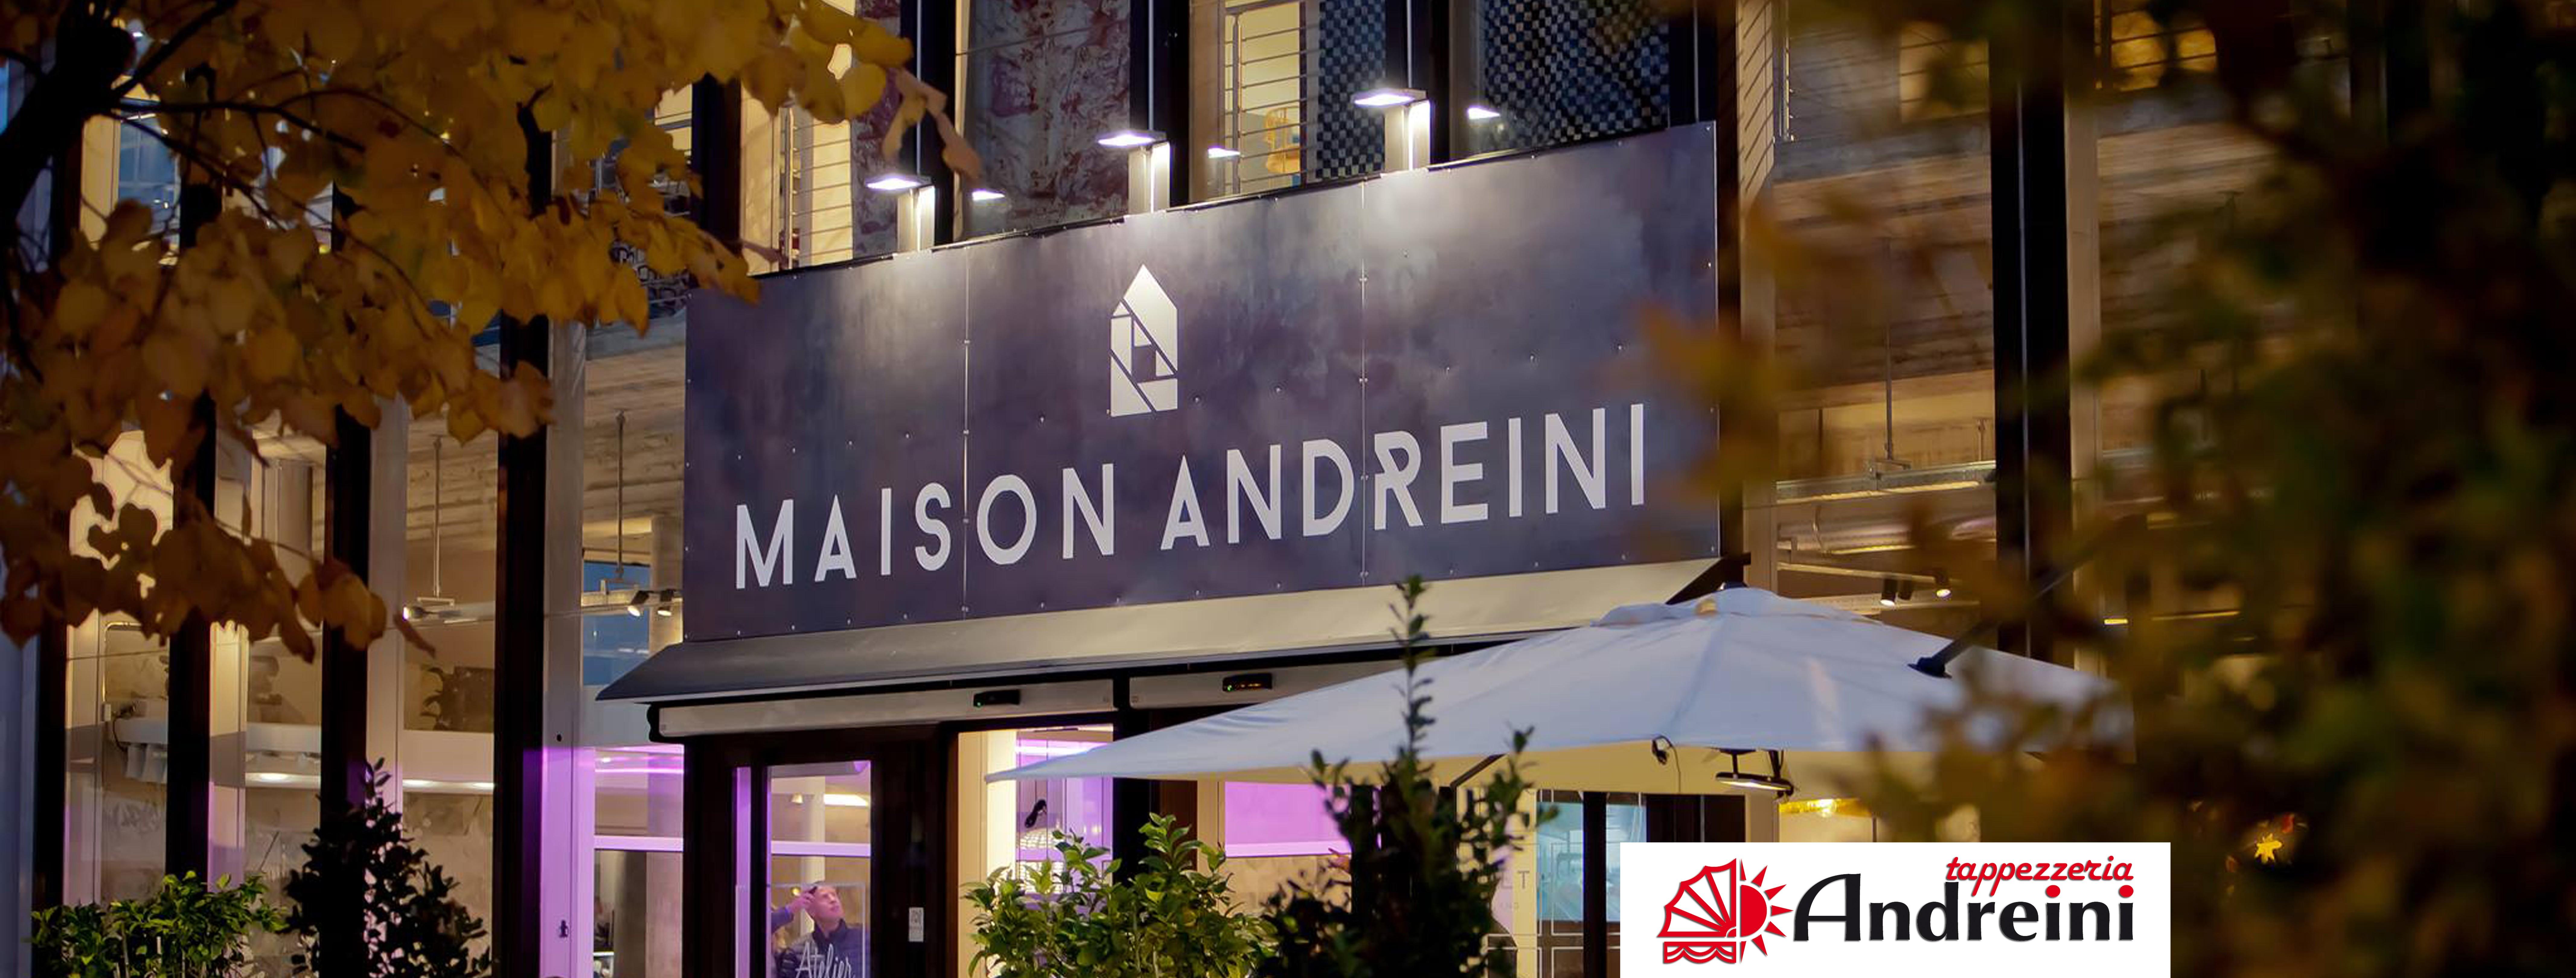 Forniture Per Tappezzieri Milano maison andreini | linkedin